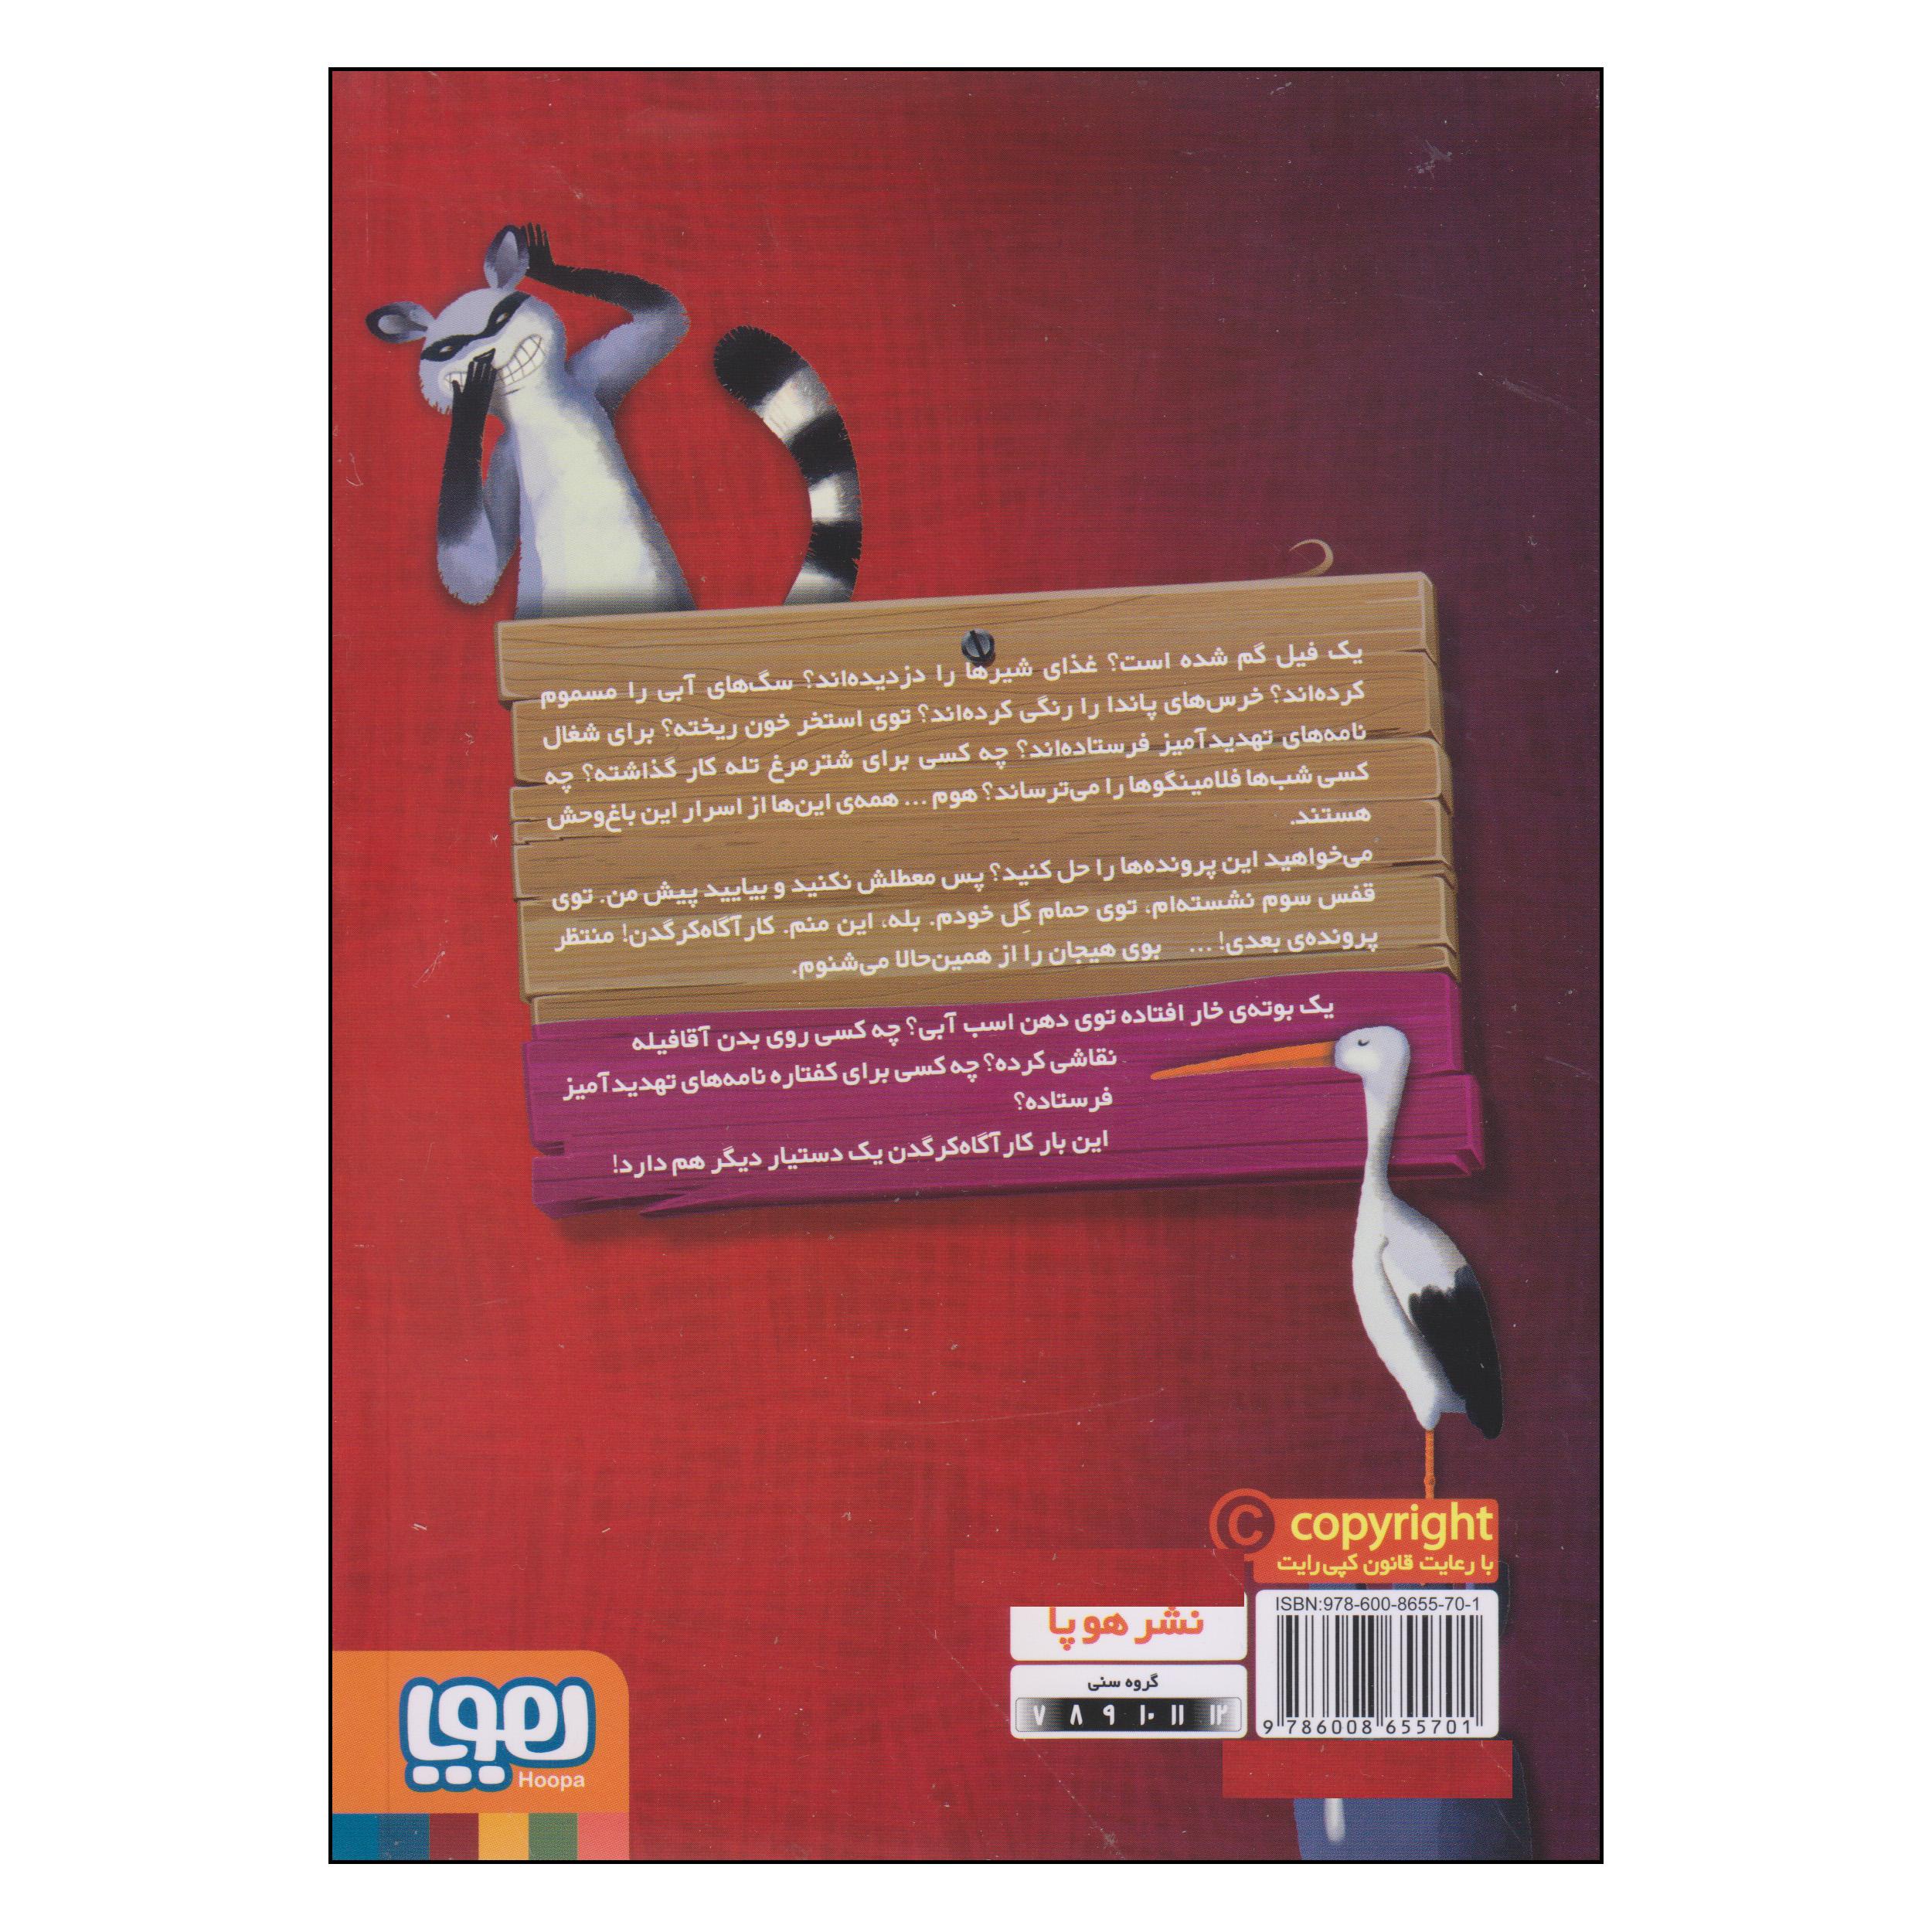 کتاب کارآگاه کرگدن در باغ وحش مرموز اسرار غروب اثر پیلار لوثانو و آلخاندرو رودریگث نشر هوپا